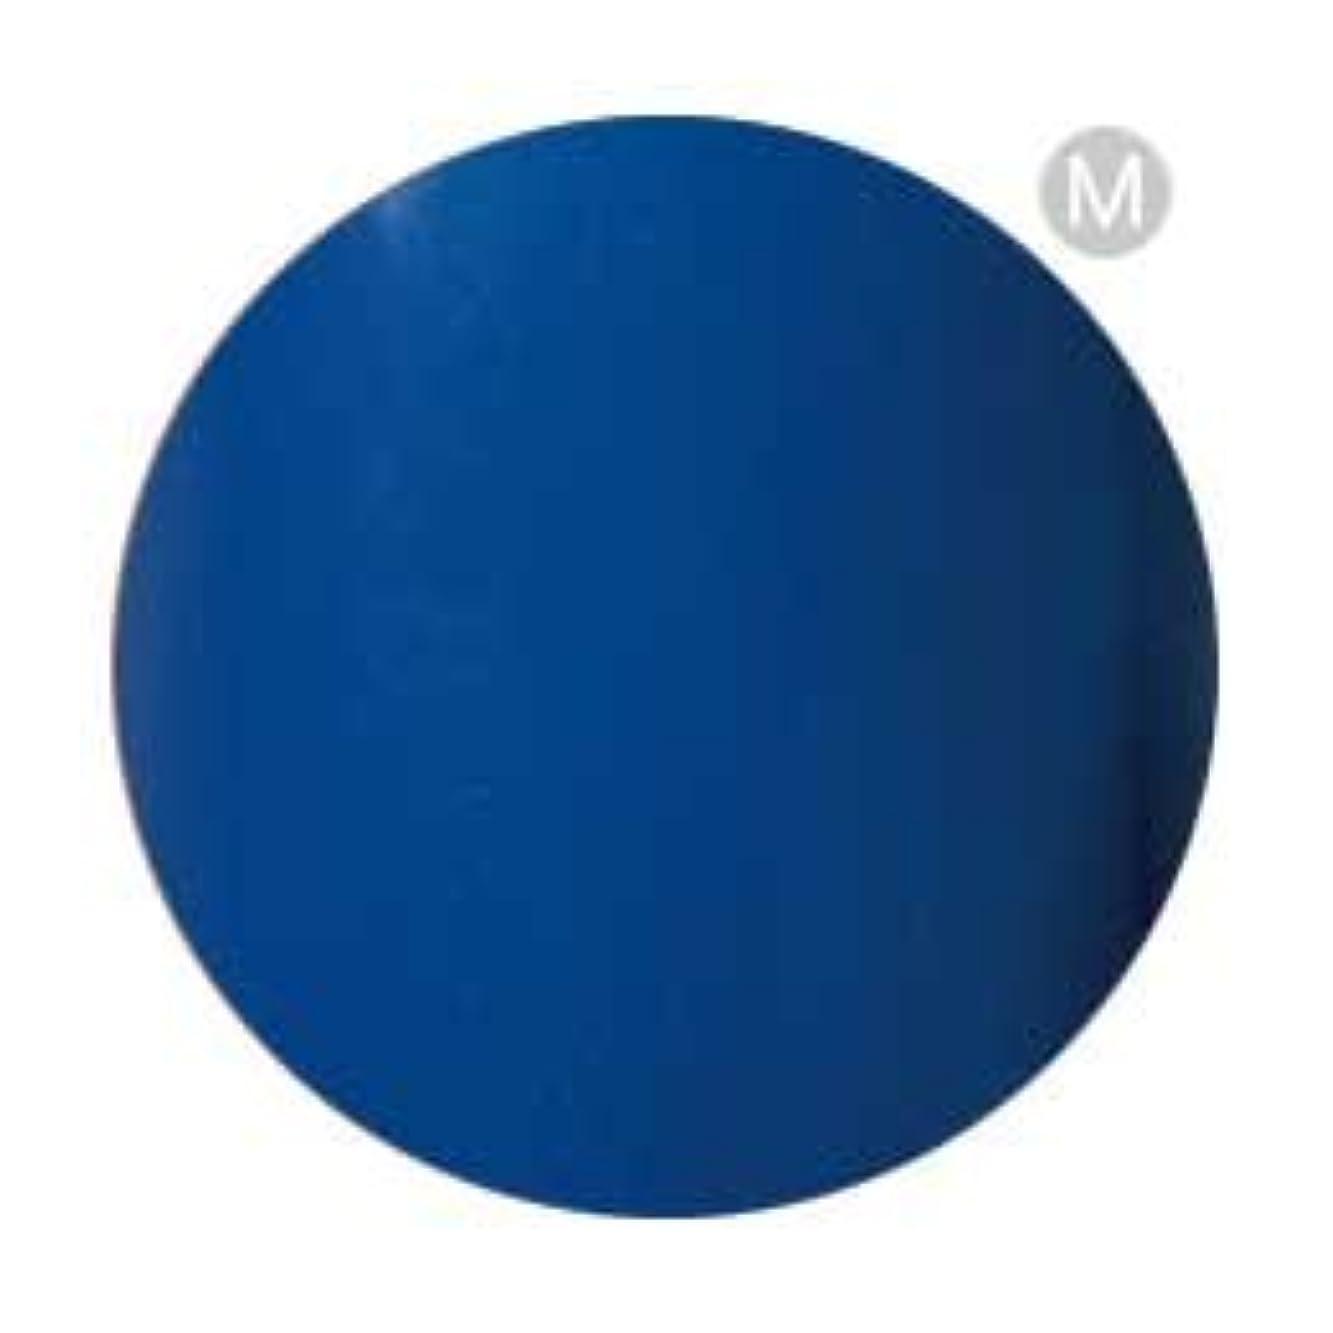 グループ振り子水曜日Palms Graceful カラージェル 3g 004 ブルー